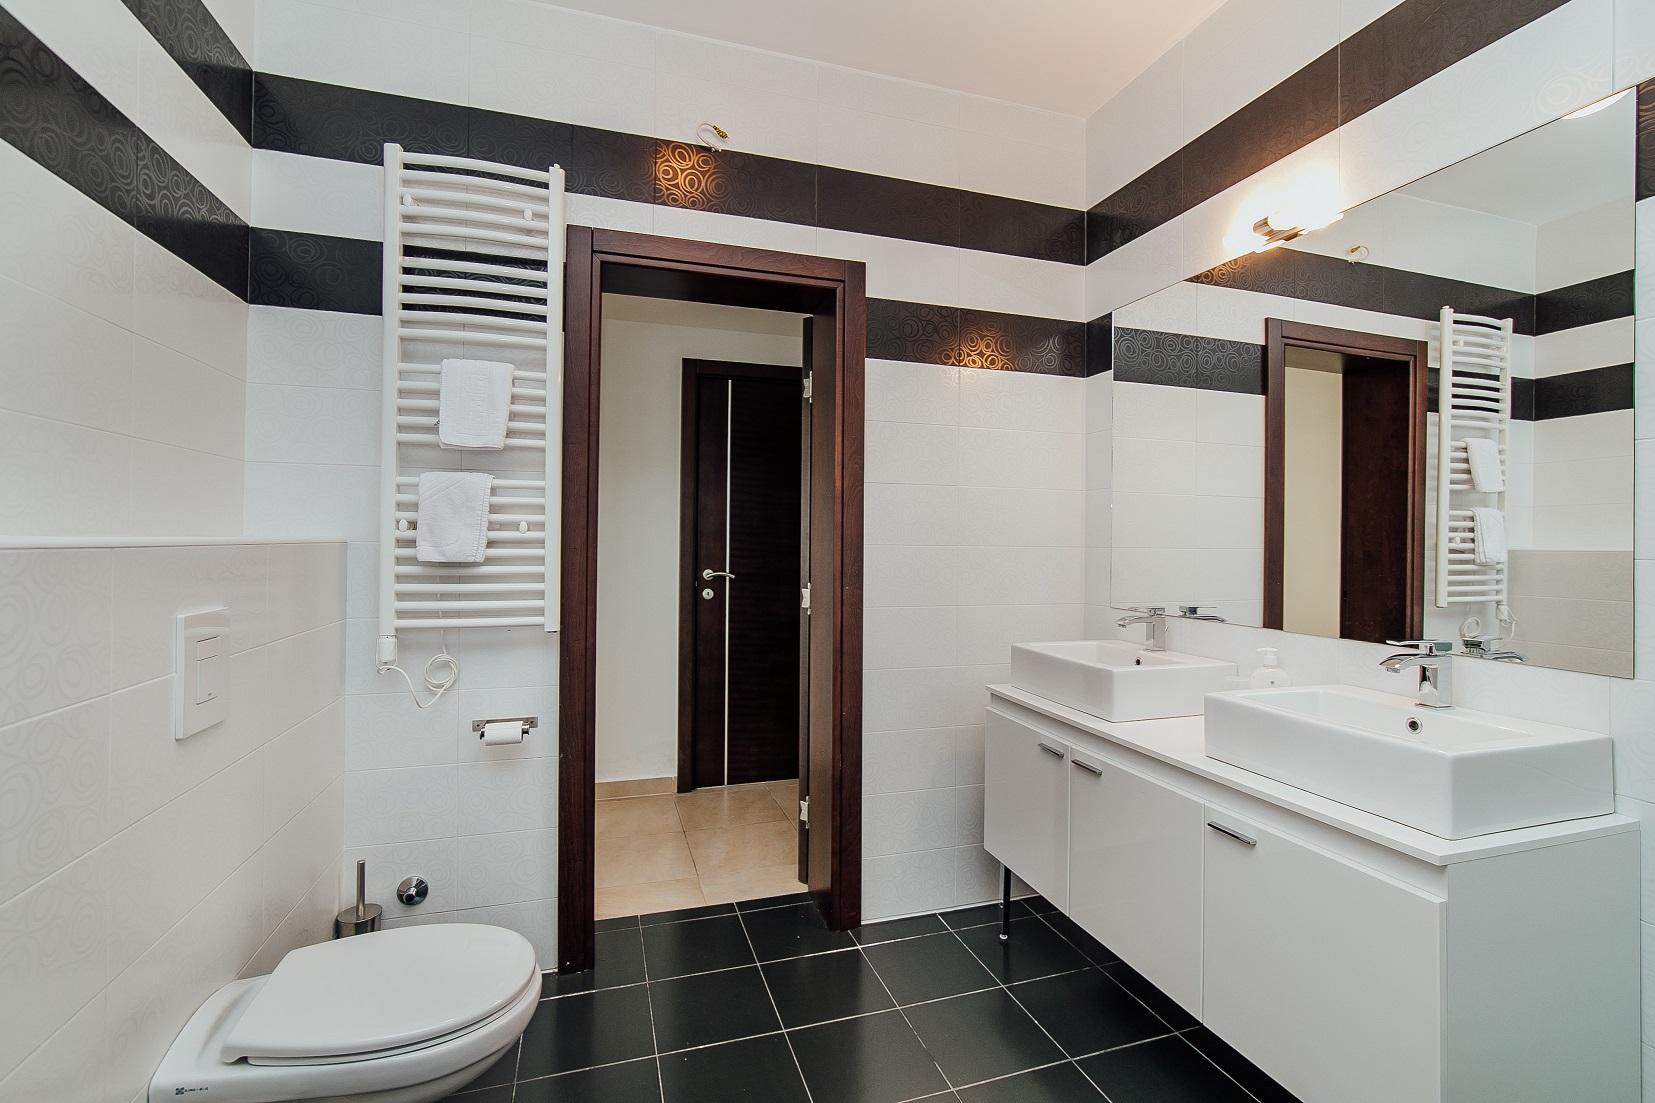 badkamer met bad, inloopdouche, toilet en dubbele wastafel